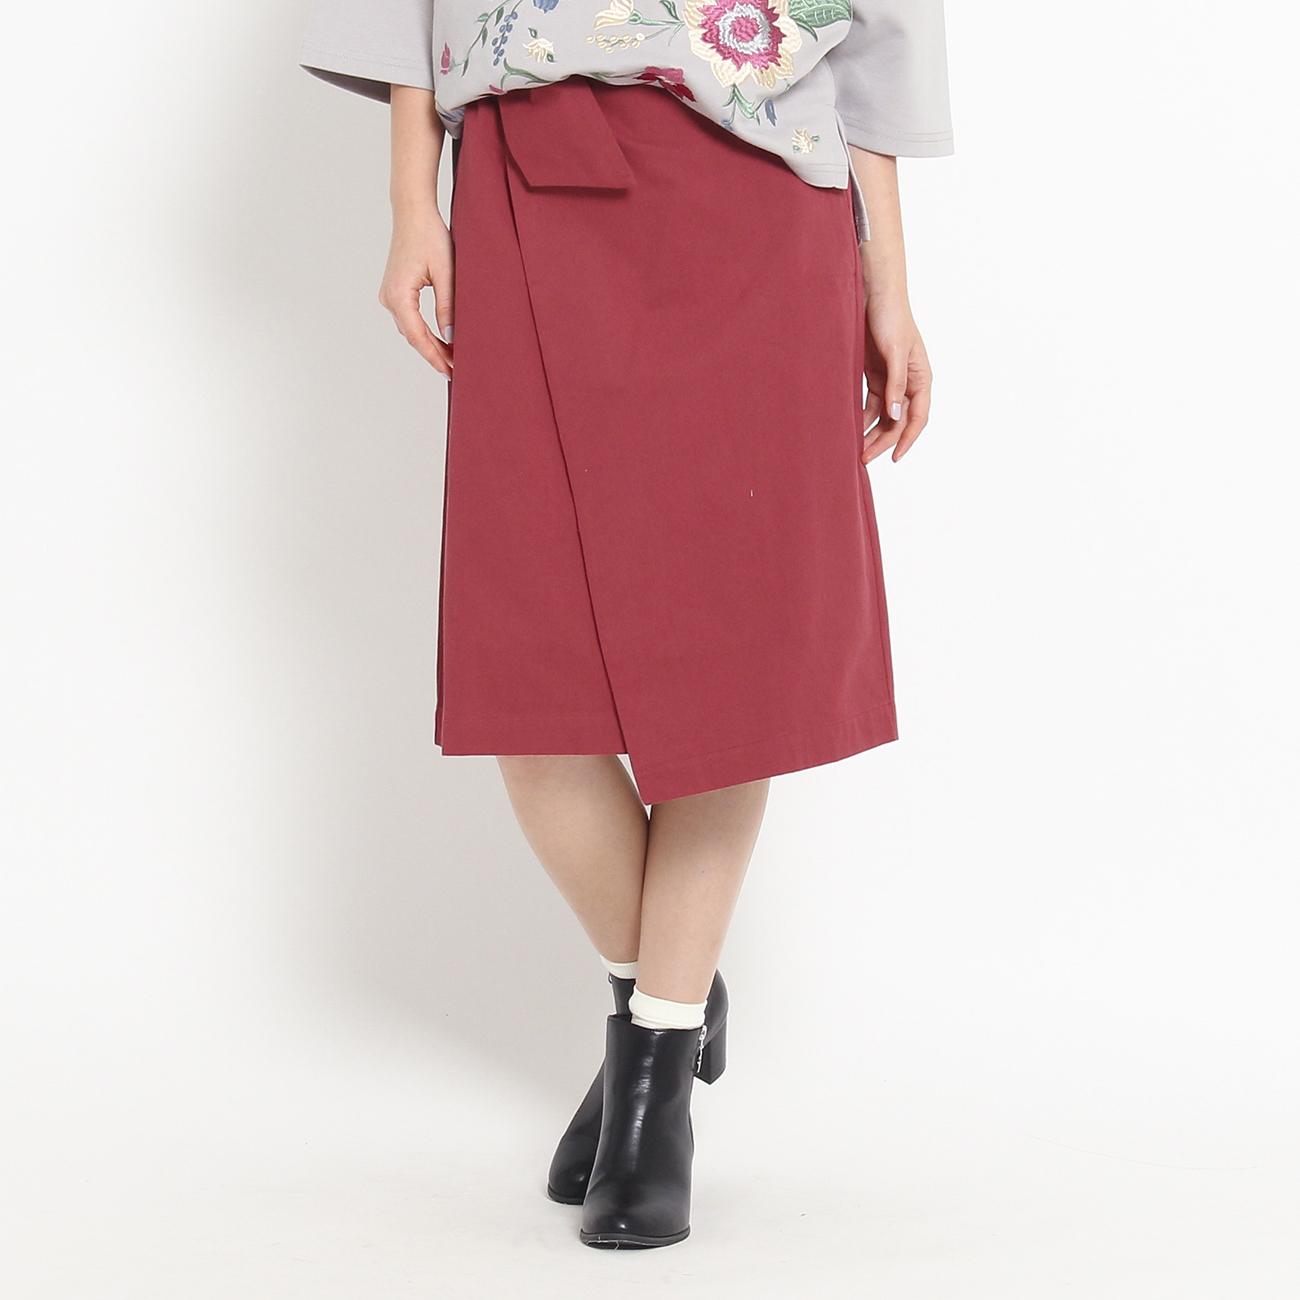 【OZOC (オゾック)】ラップ風リボンスカートレディース スカート ミモレ丈(ひざ下) ワインレッド